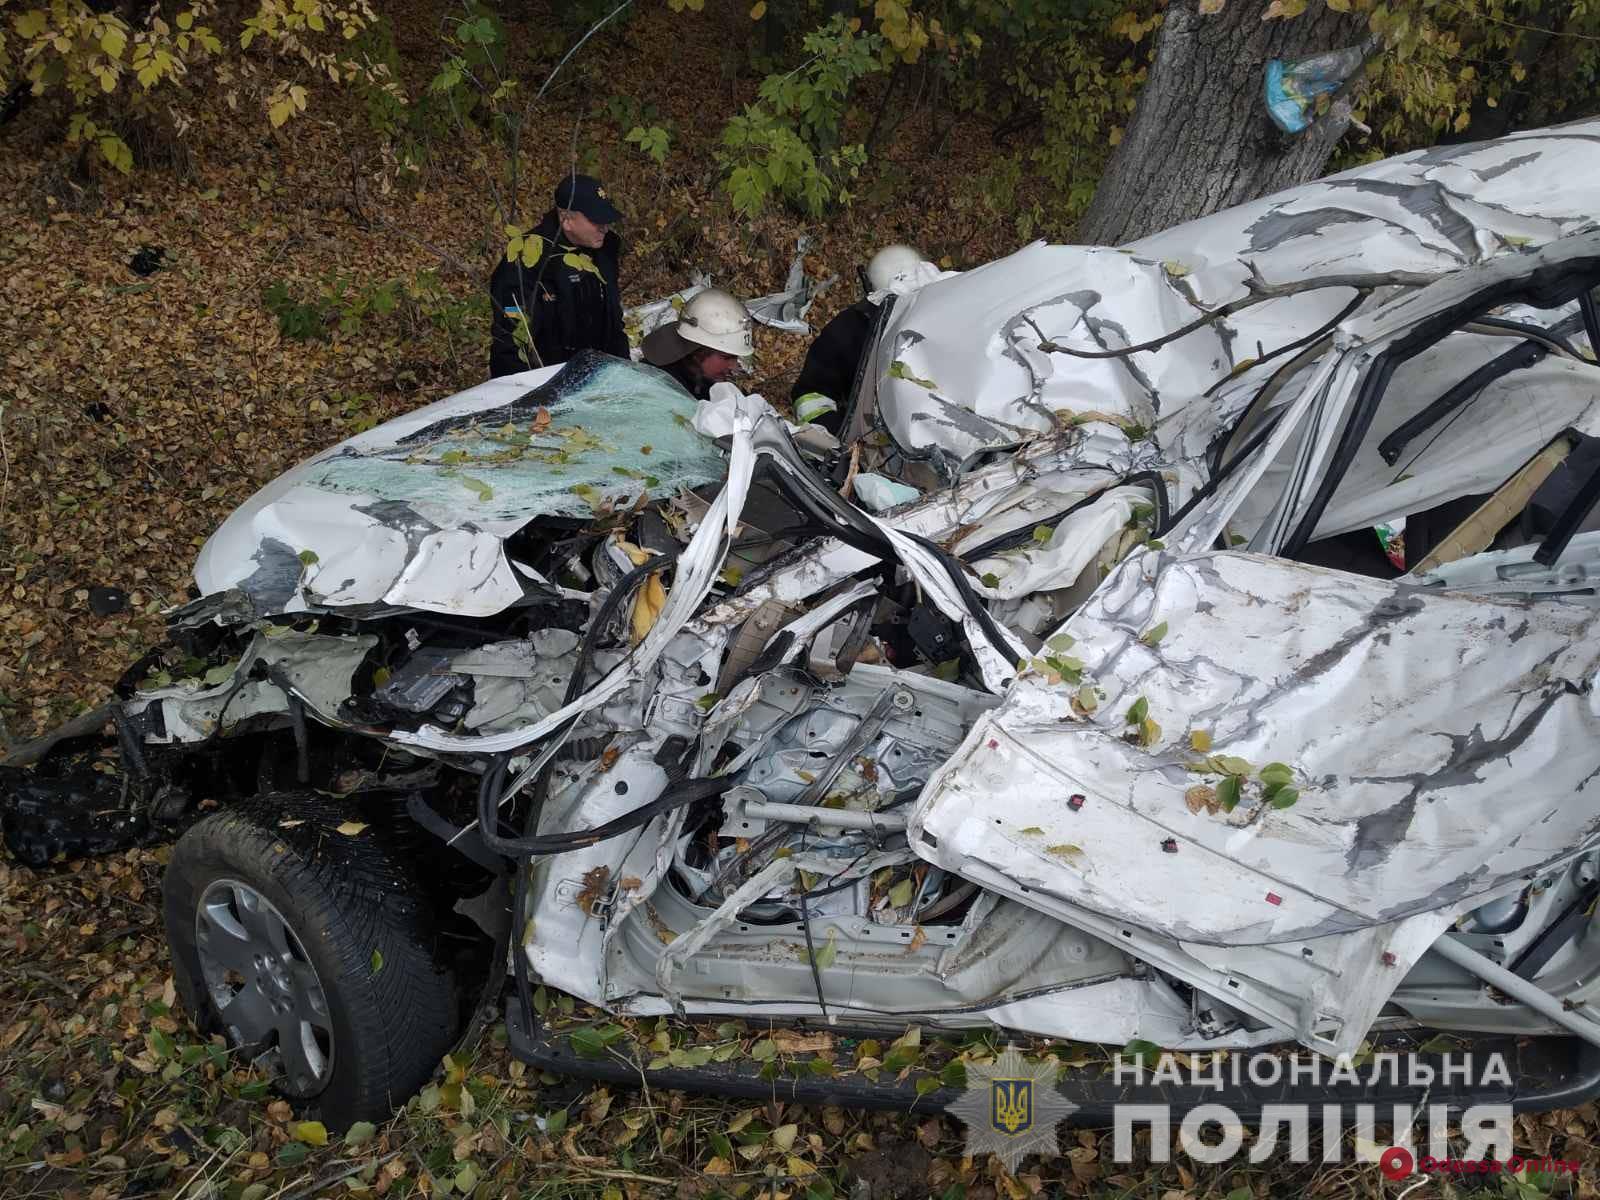 Смертельное ДТП в Винницкой области: в аварии погибла супружеская пара из Одессы (фото)